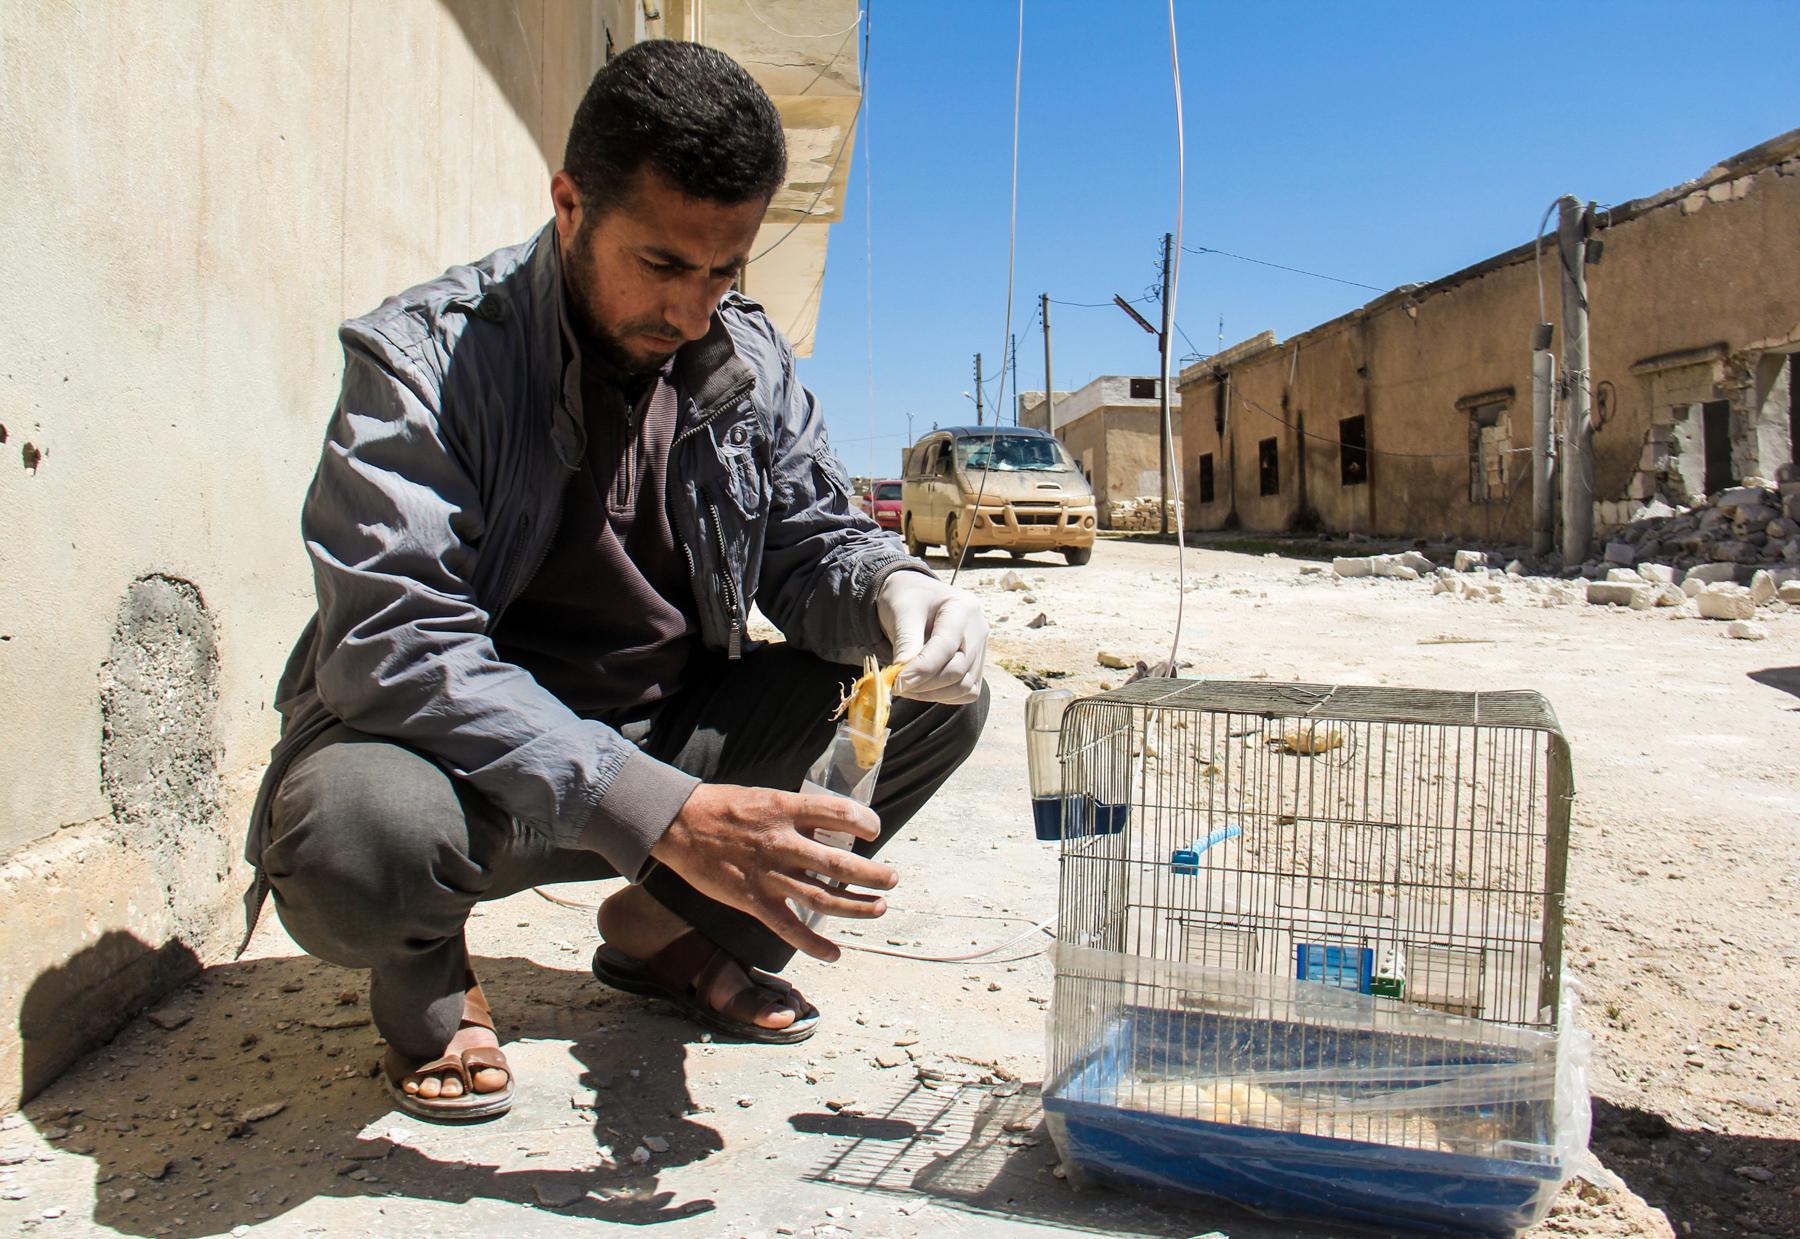 Homem sírio recolhe um pássaro morto em decorrência de ataques químicos (© AFP via Getty Images)